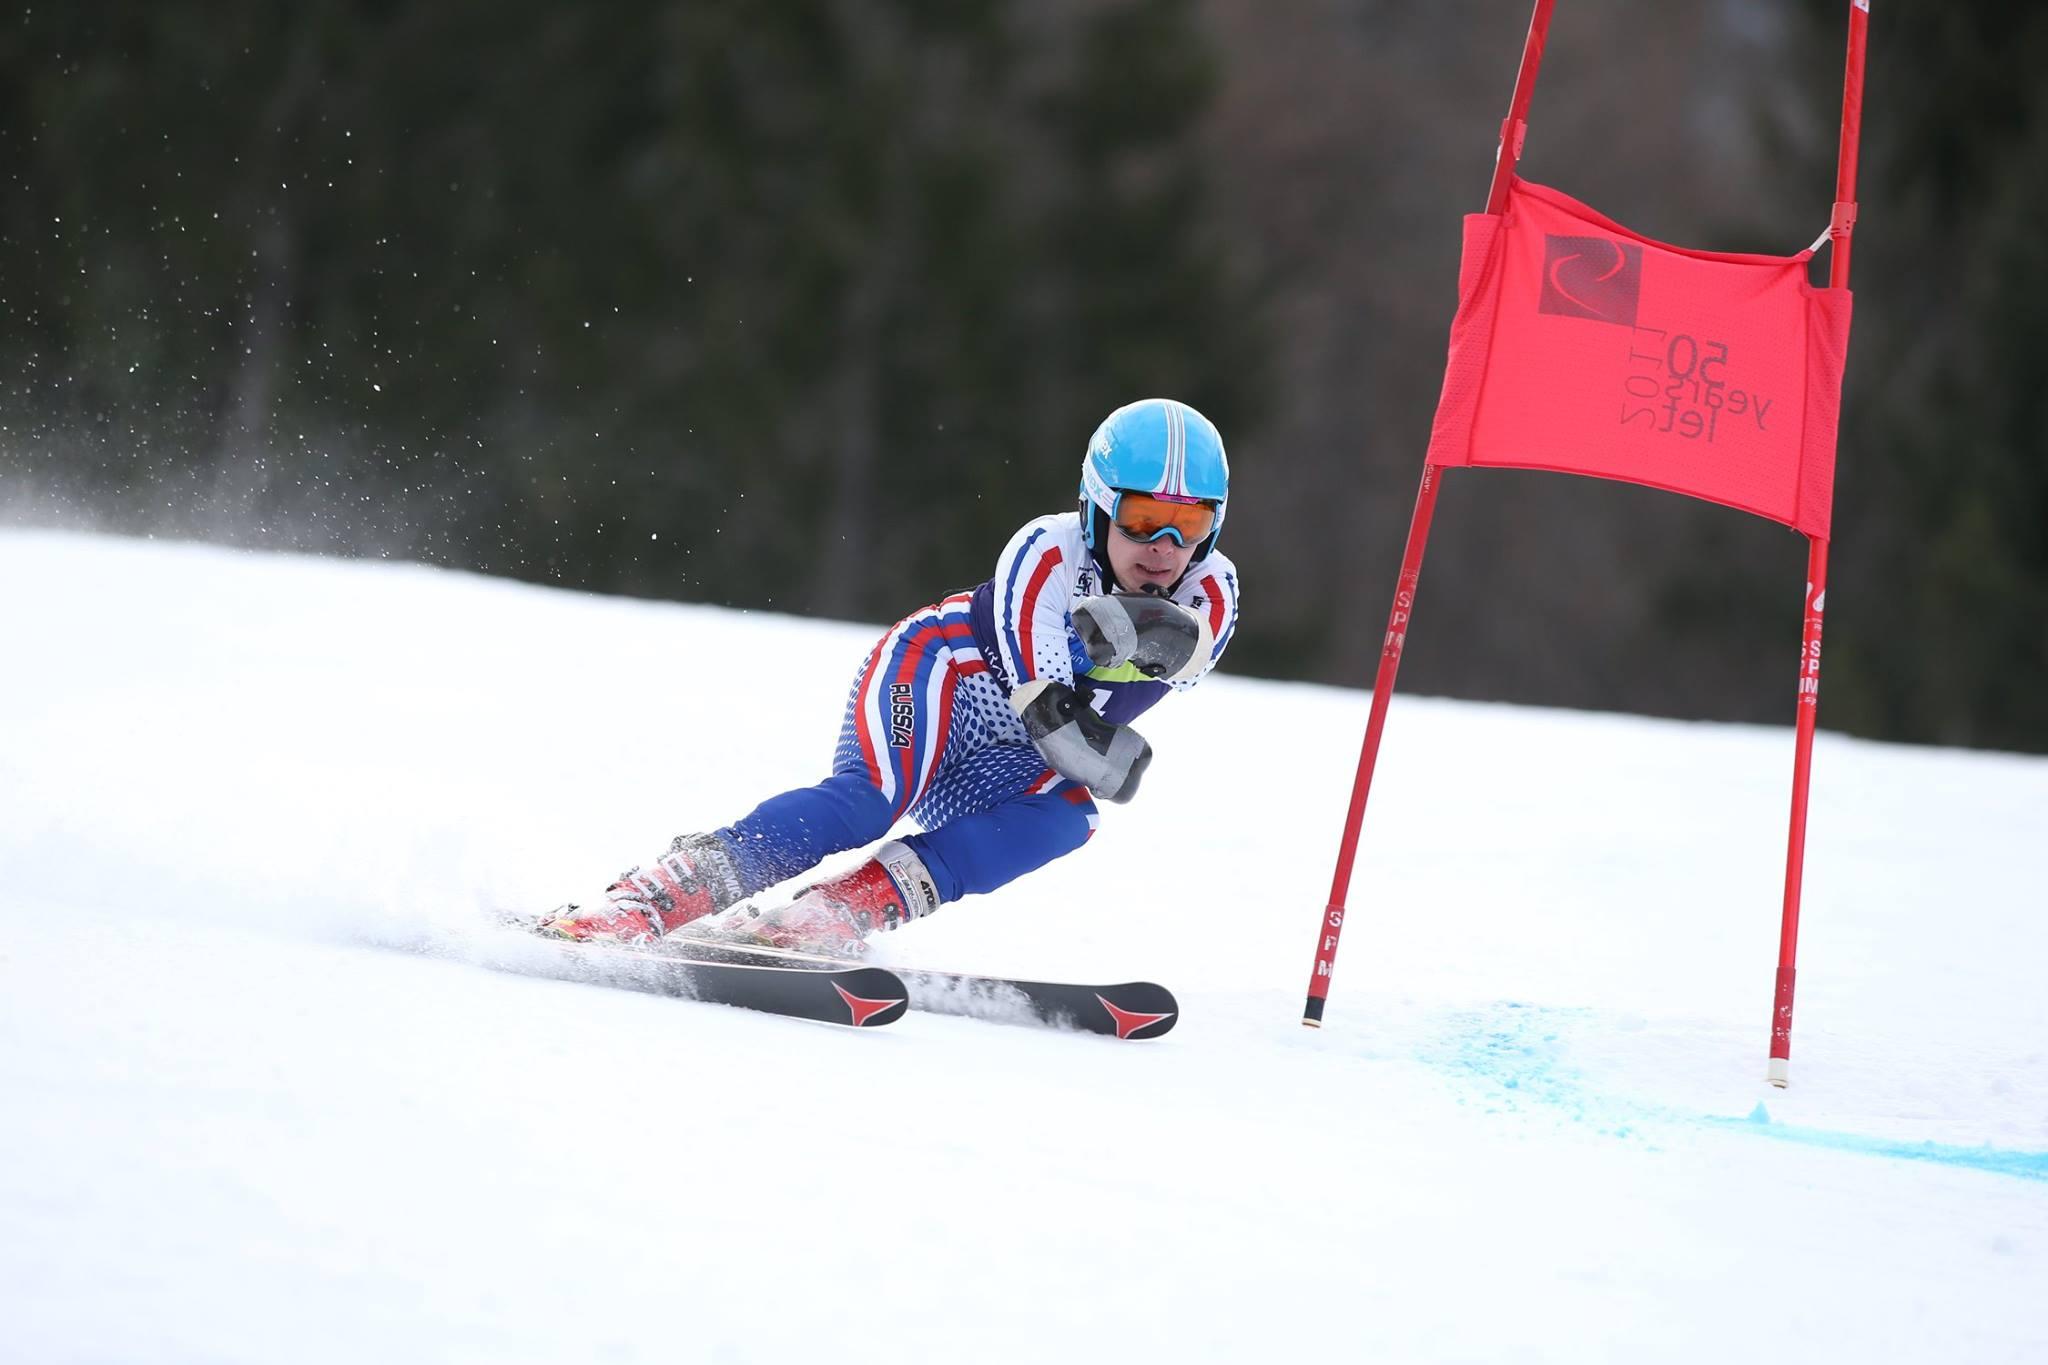 Российские спортсмены завоевали 3 золотые и 2 серебряные медали на этапе Кубка мира по горнолыжному спорту в Словении